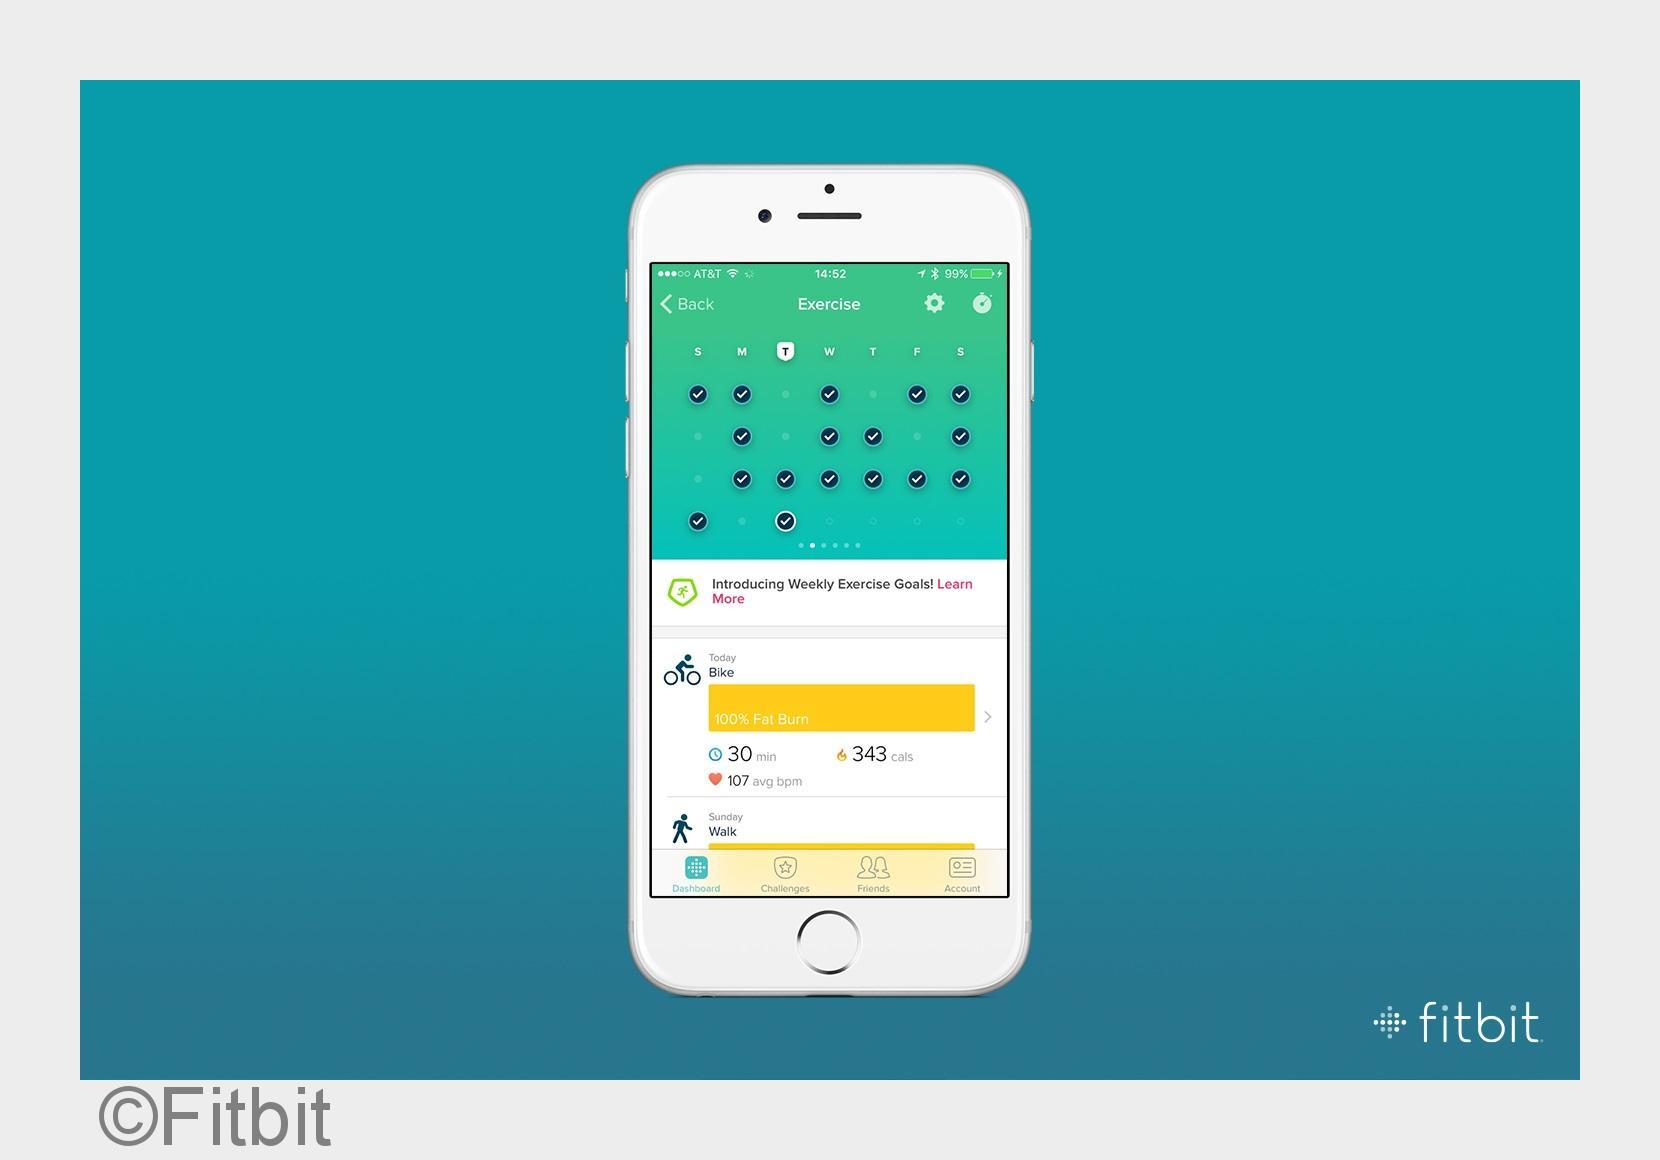 Fitbit perfektioniert seine Spitzenprodukte mit neuen Software-Funktionen